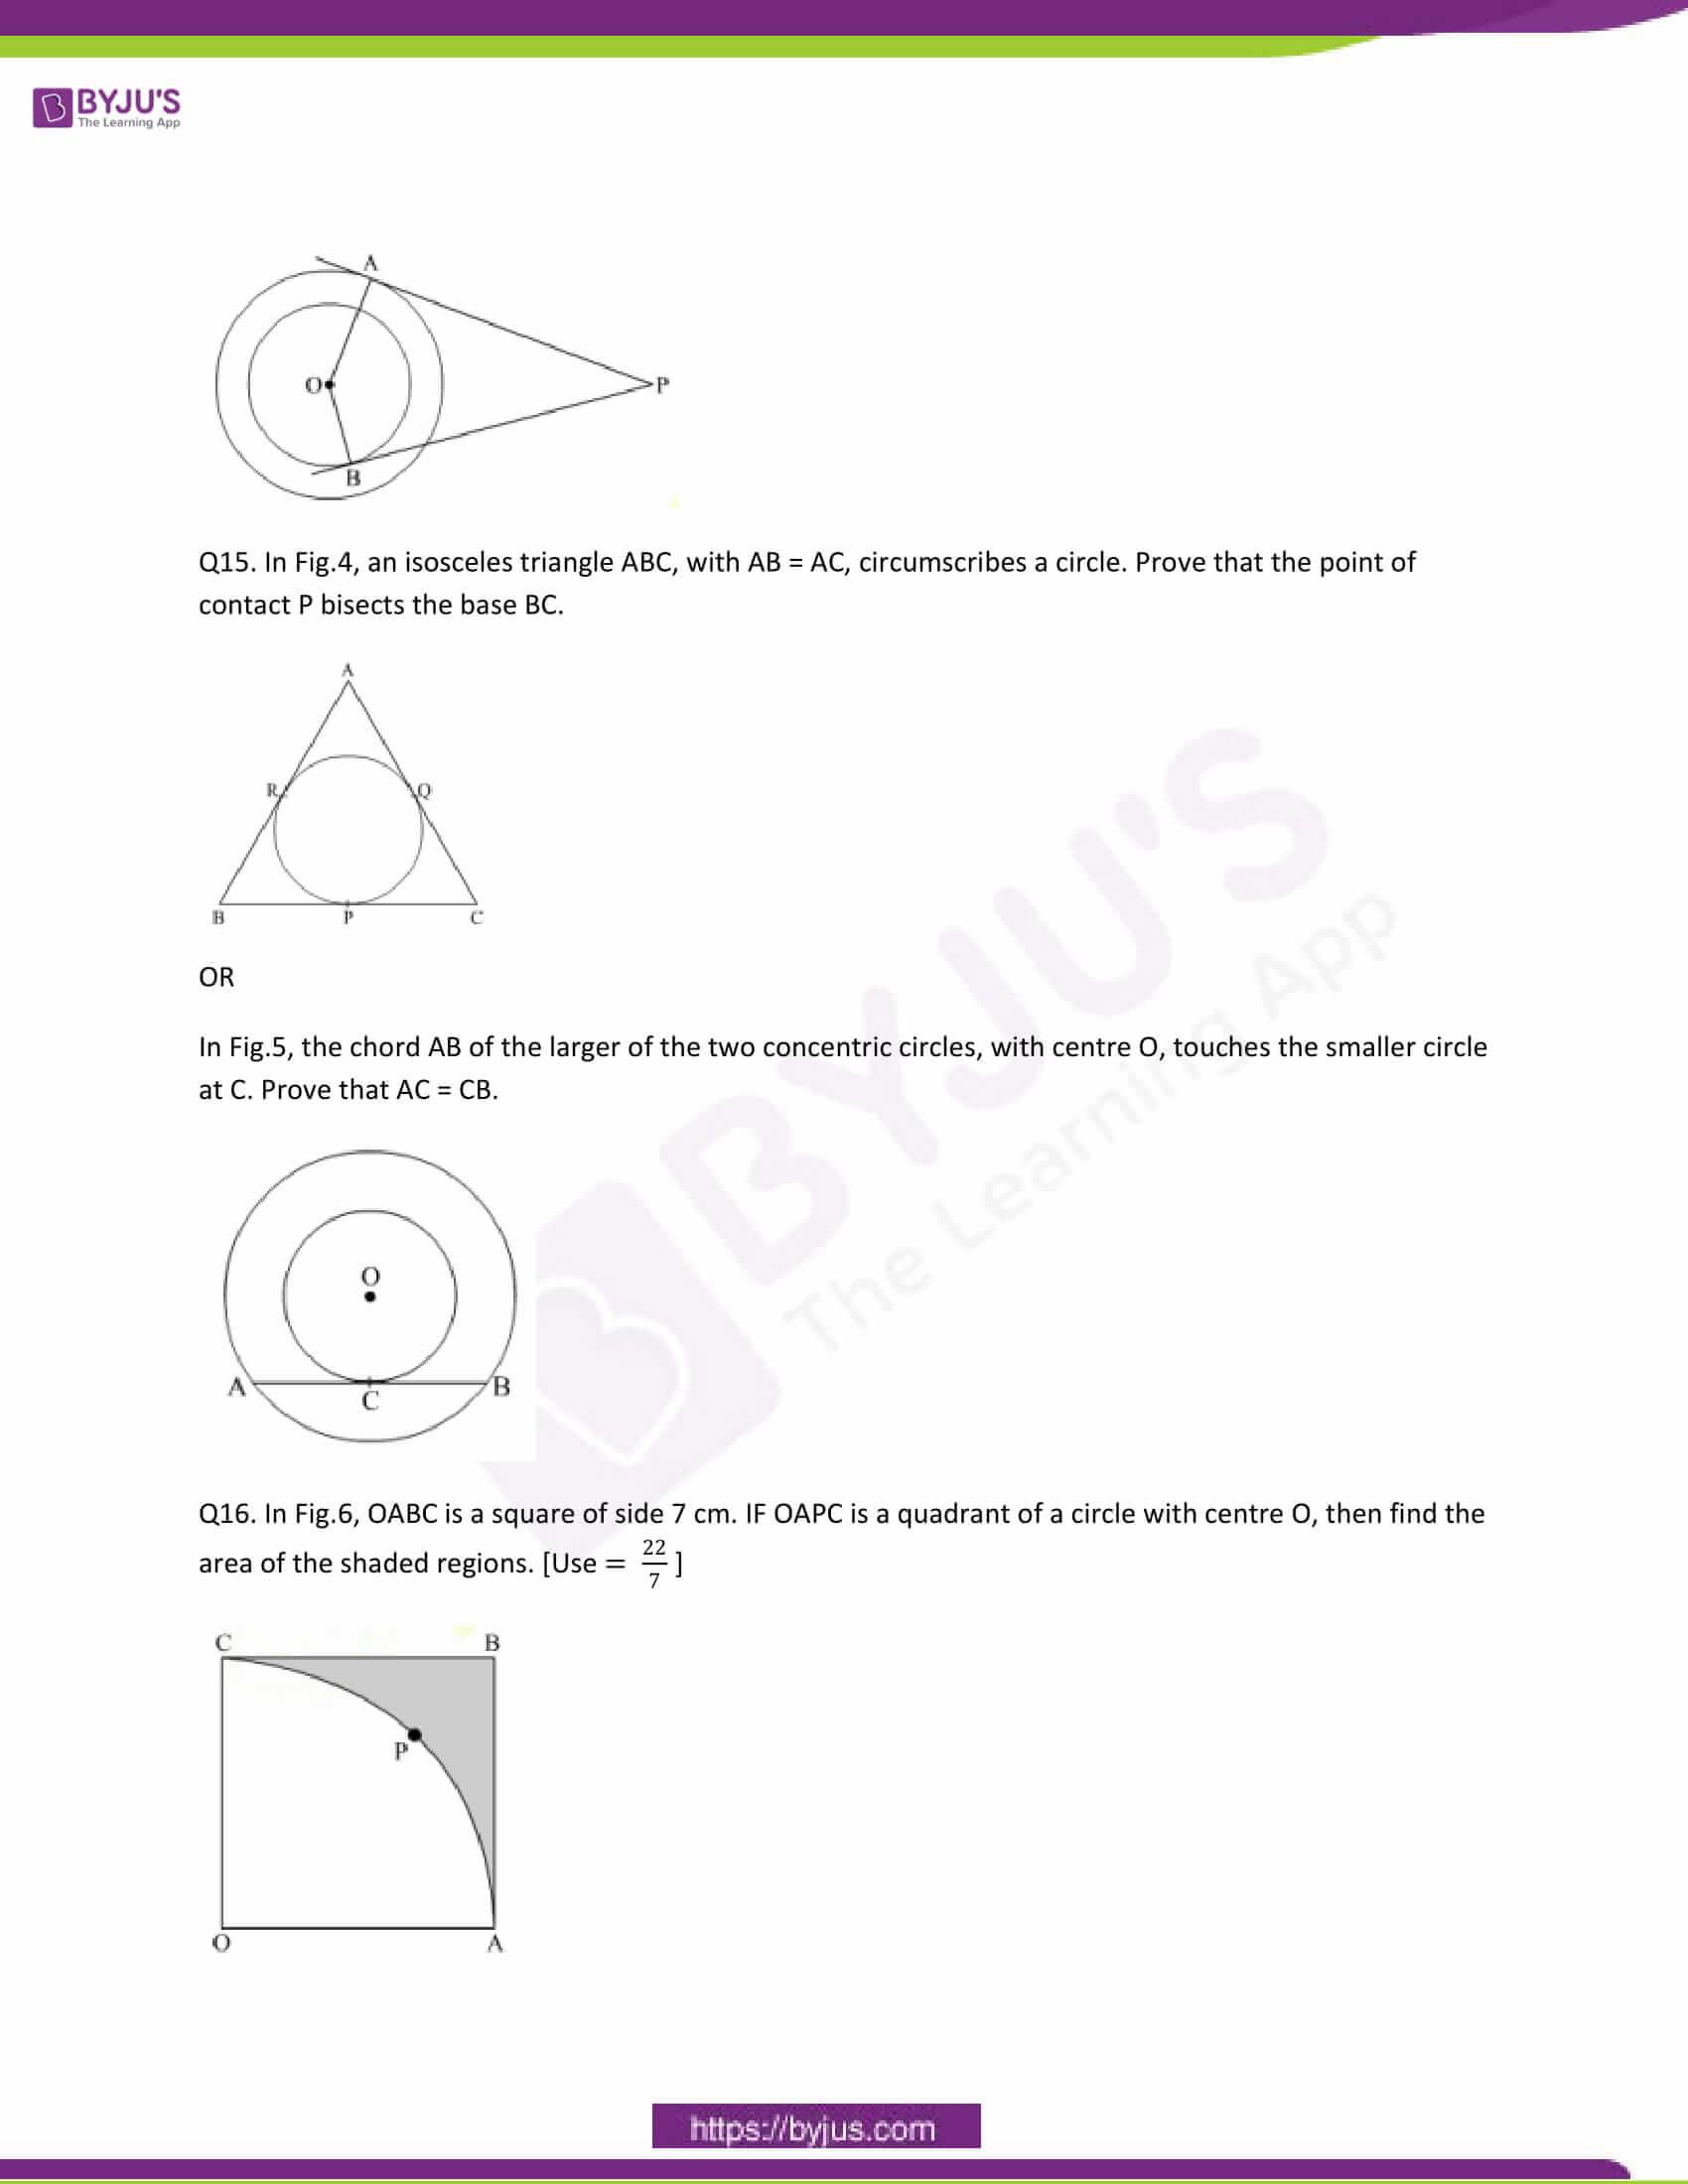 CBSE Class 10 Maths Question Papers 2012 4